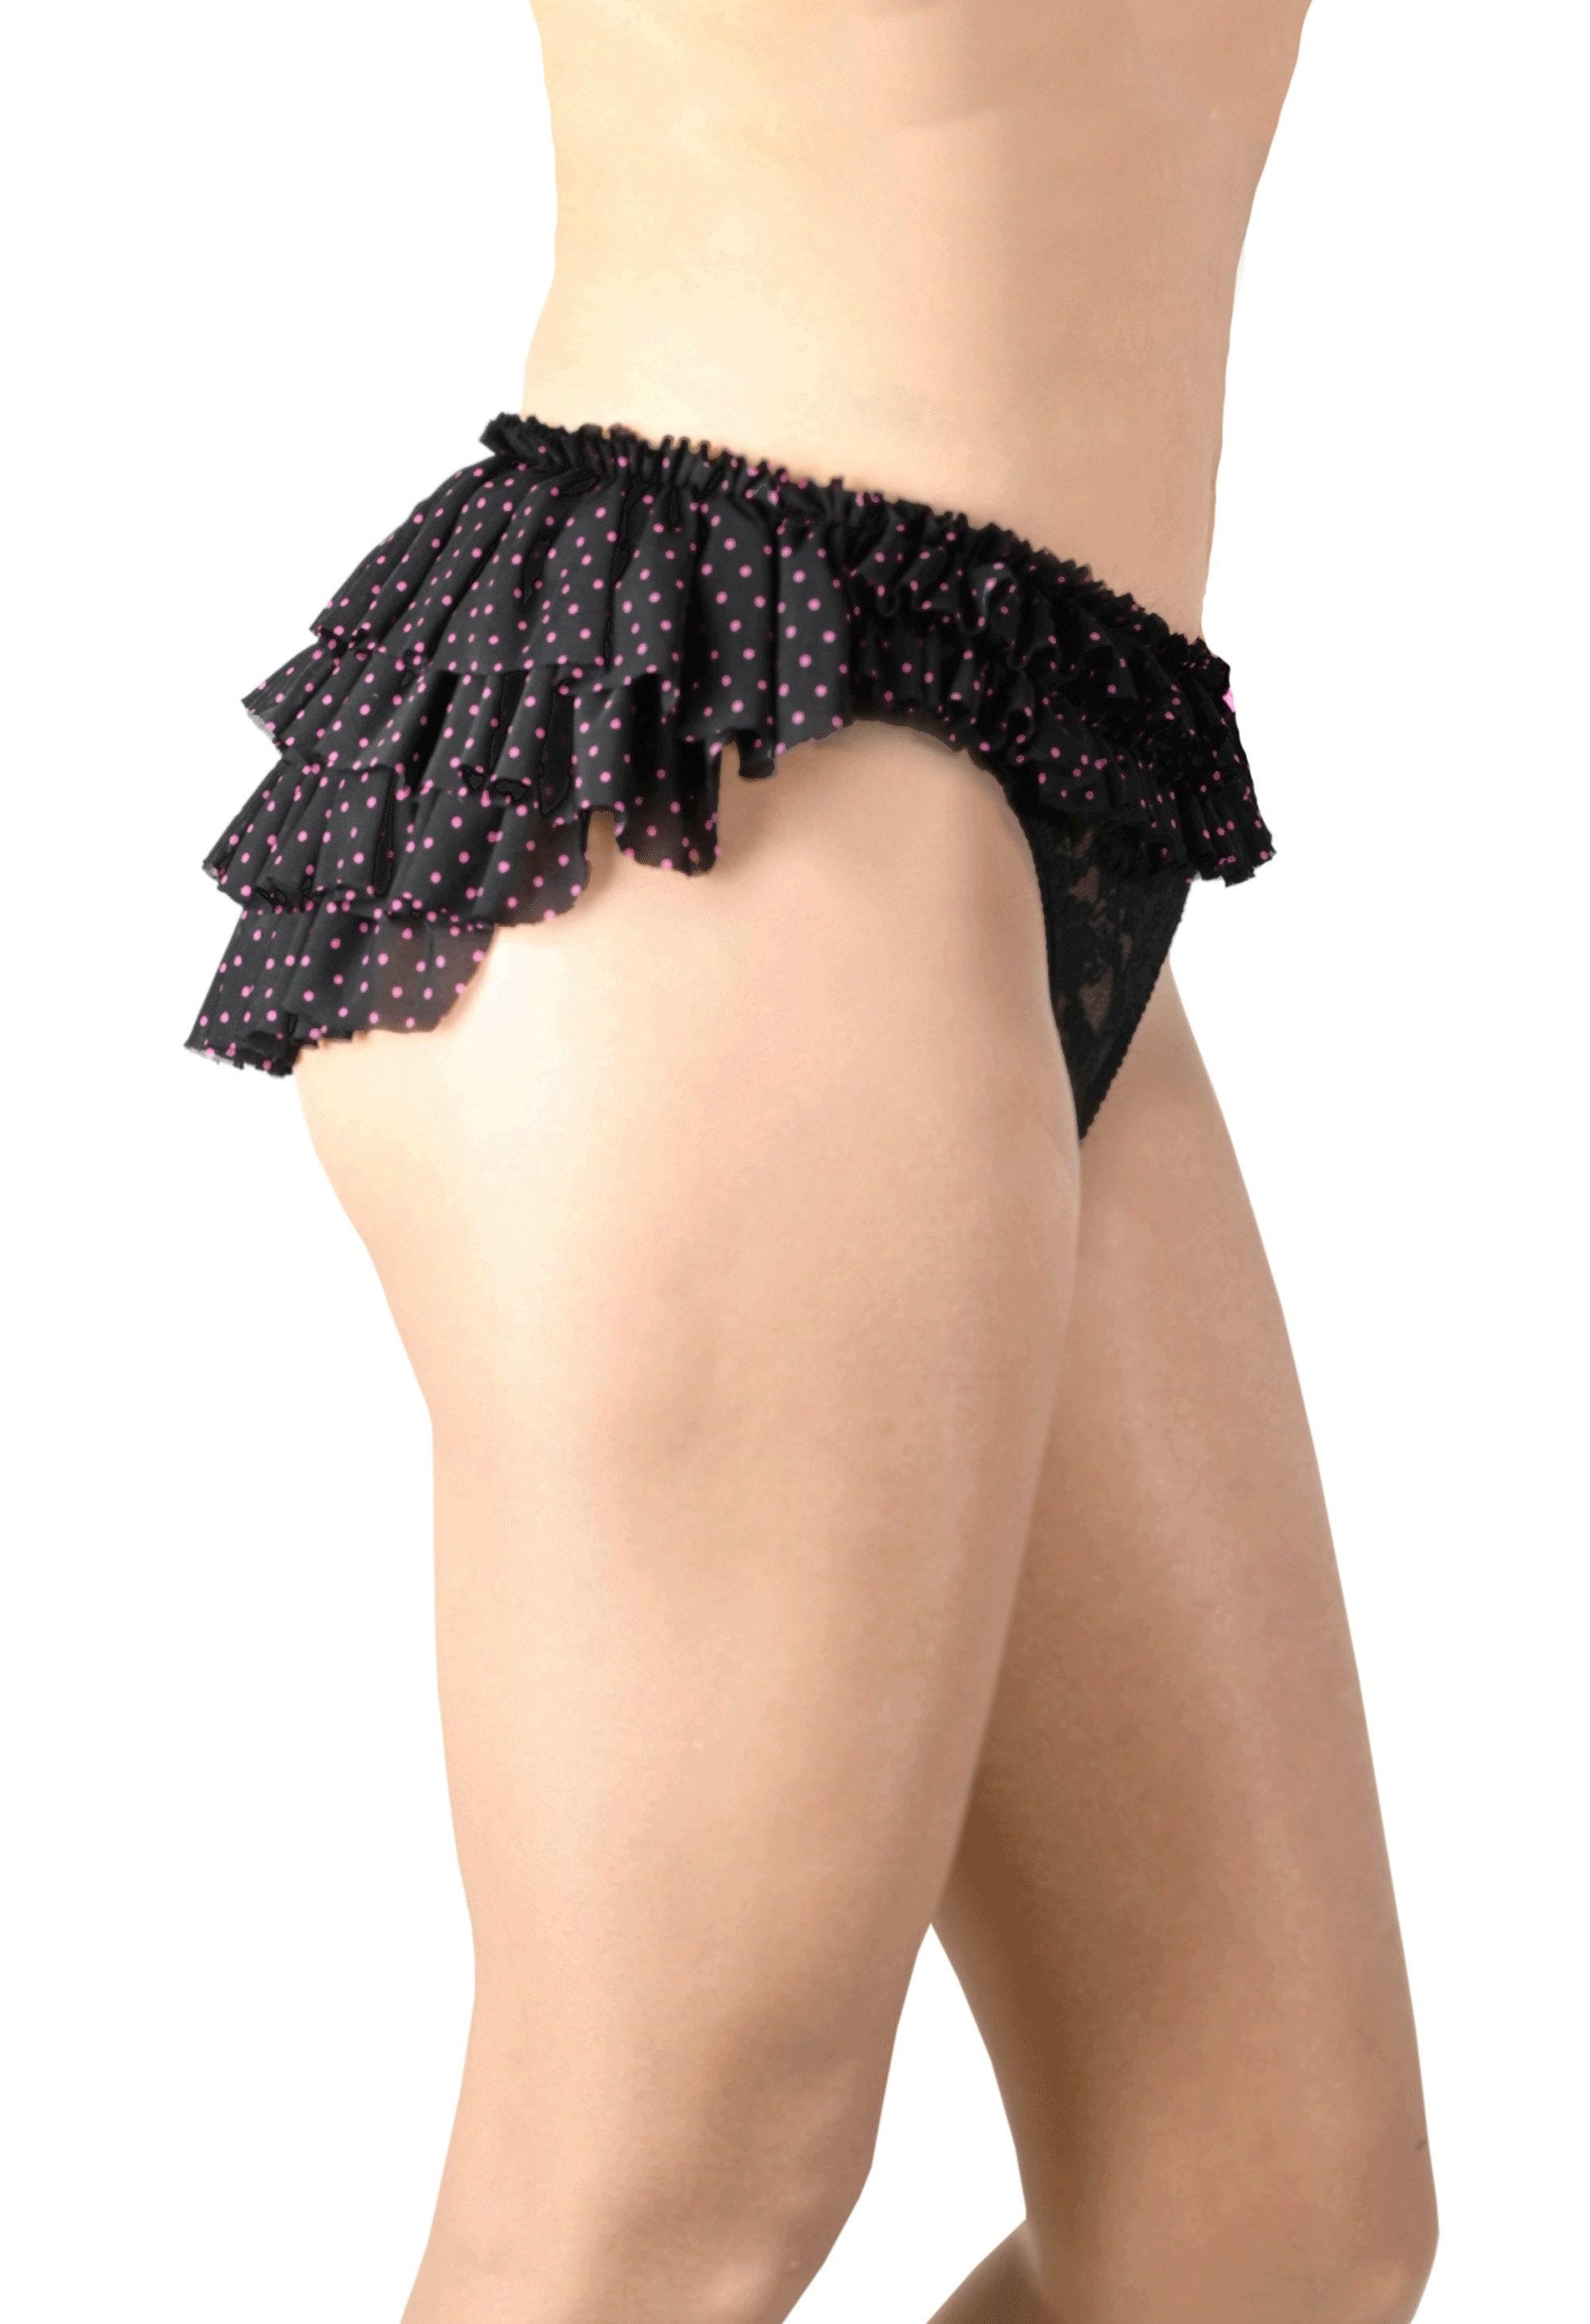 Frilly Panties Rhumba